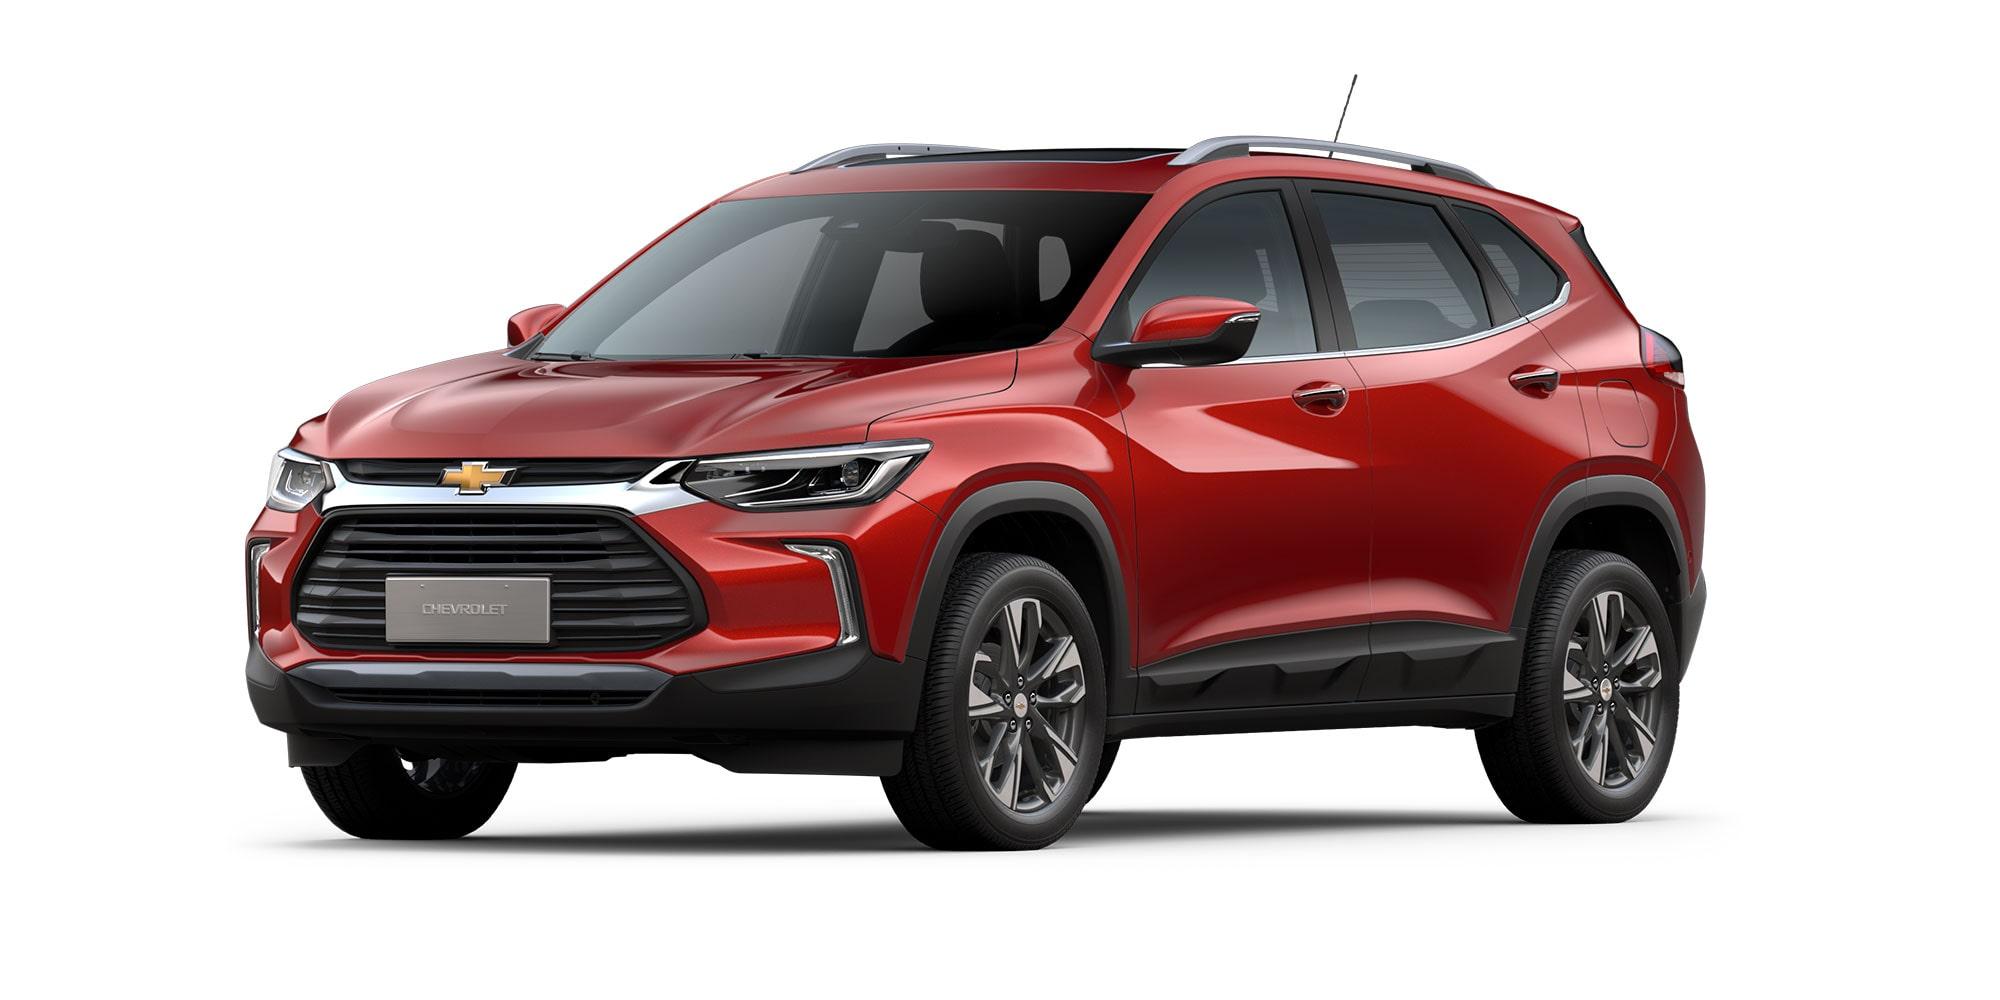 Chevrolet Tracker 2021 color rojo flama versión Premier